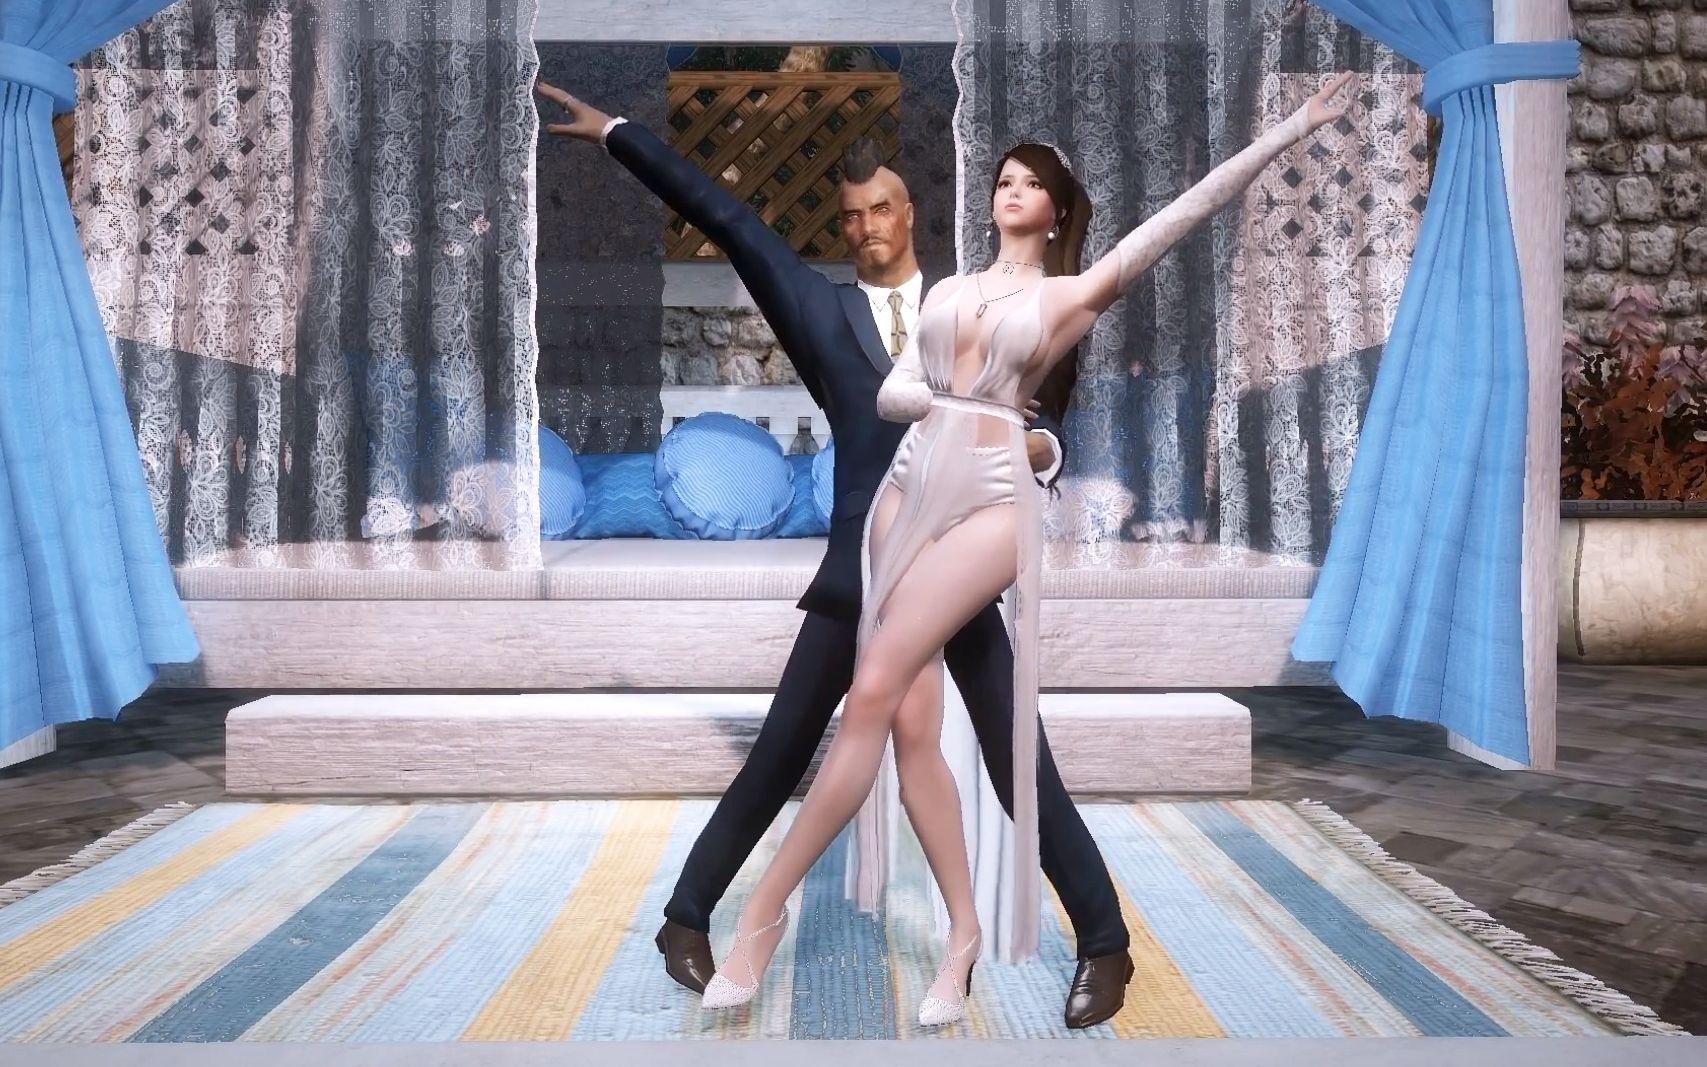 上古卷轴5 男女双人舞来一个,移植Cantarella,帅气根宝亲自上。